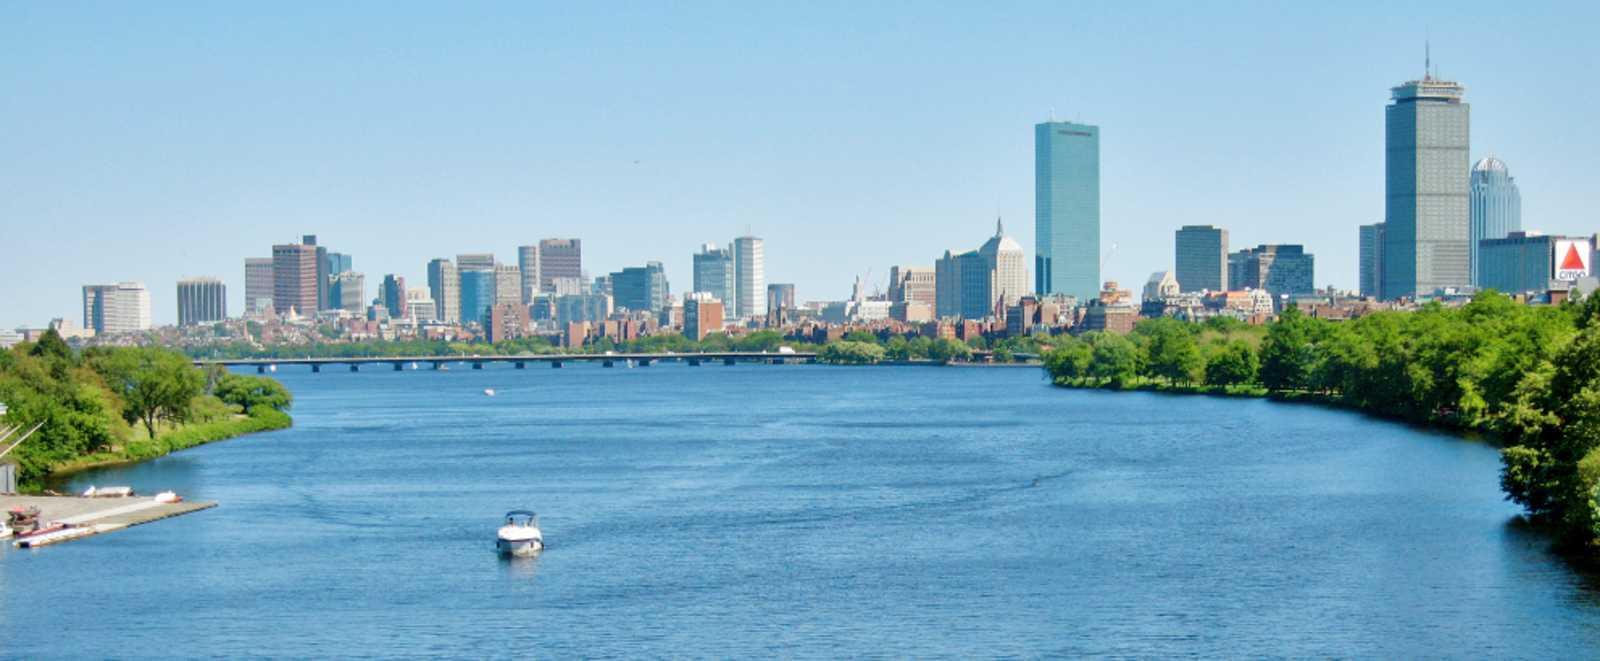 Blick auf Back Bay und Downtown Boston